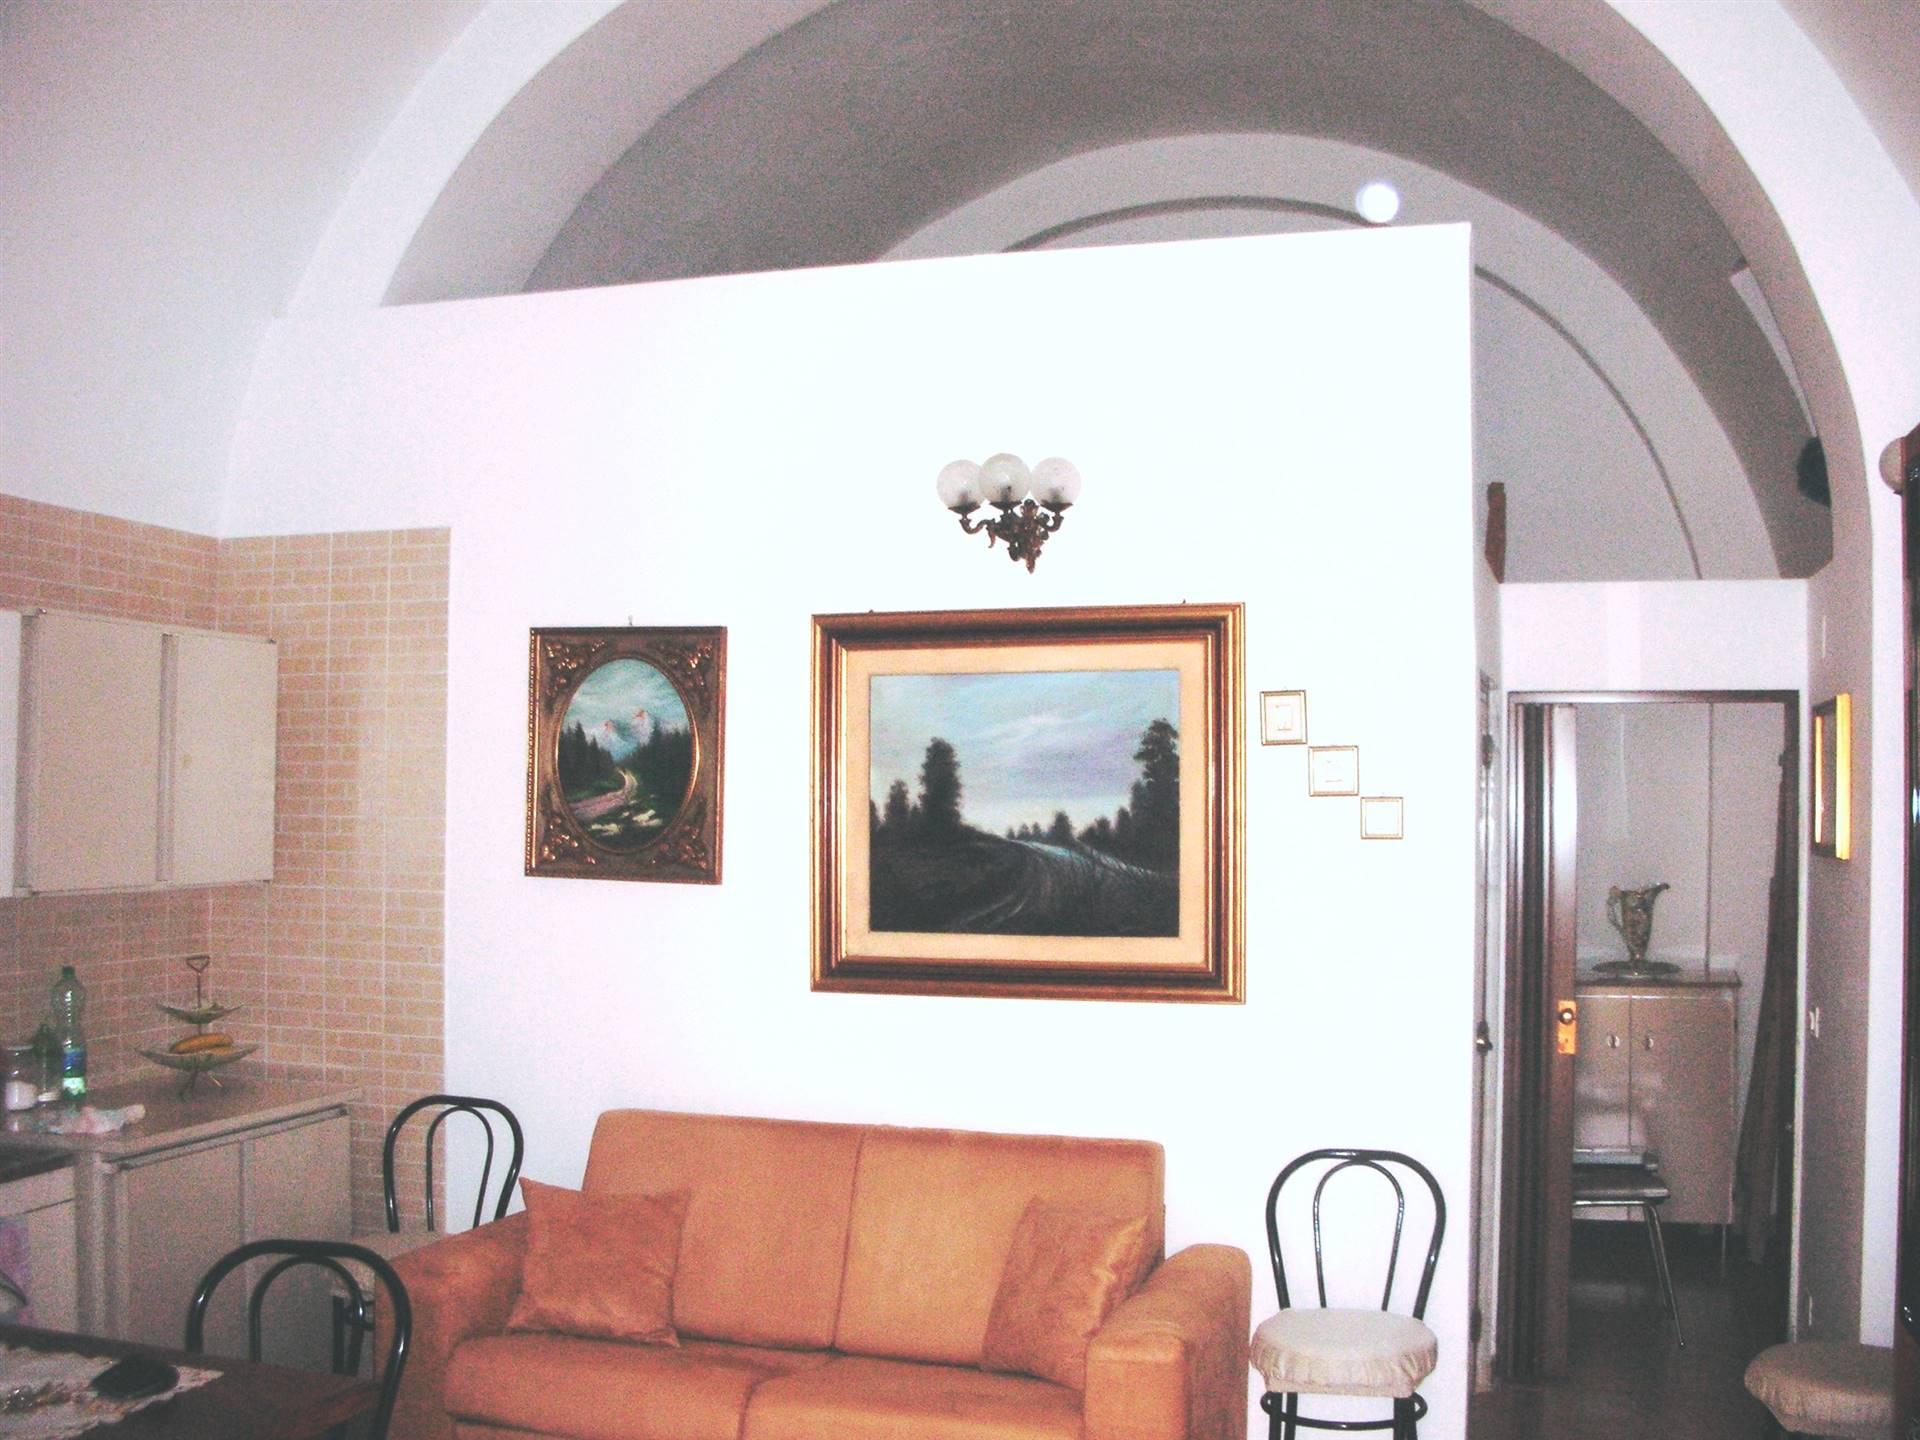 In Via Niccolò Piccinni e più preciamente una traversa di Corso Garibaldi, proponiamo la vendita di un'abitazione indipendente posta a piano terra